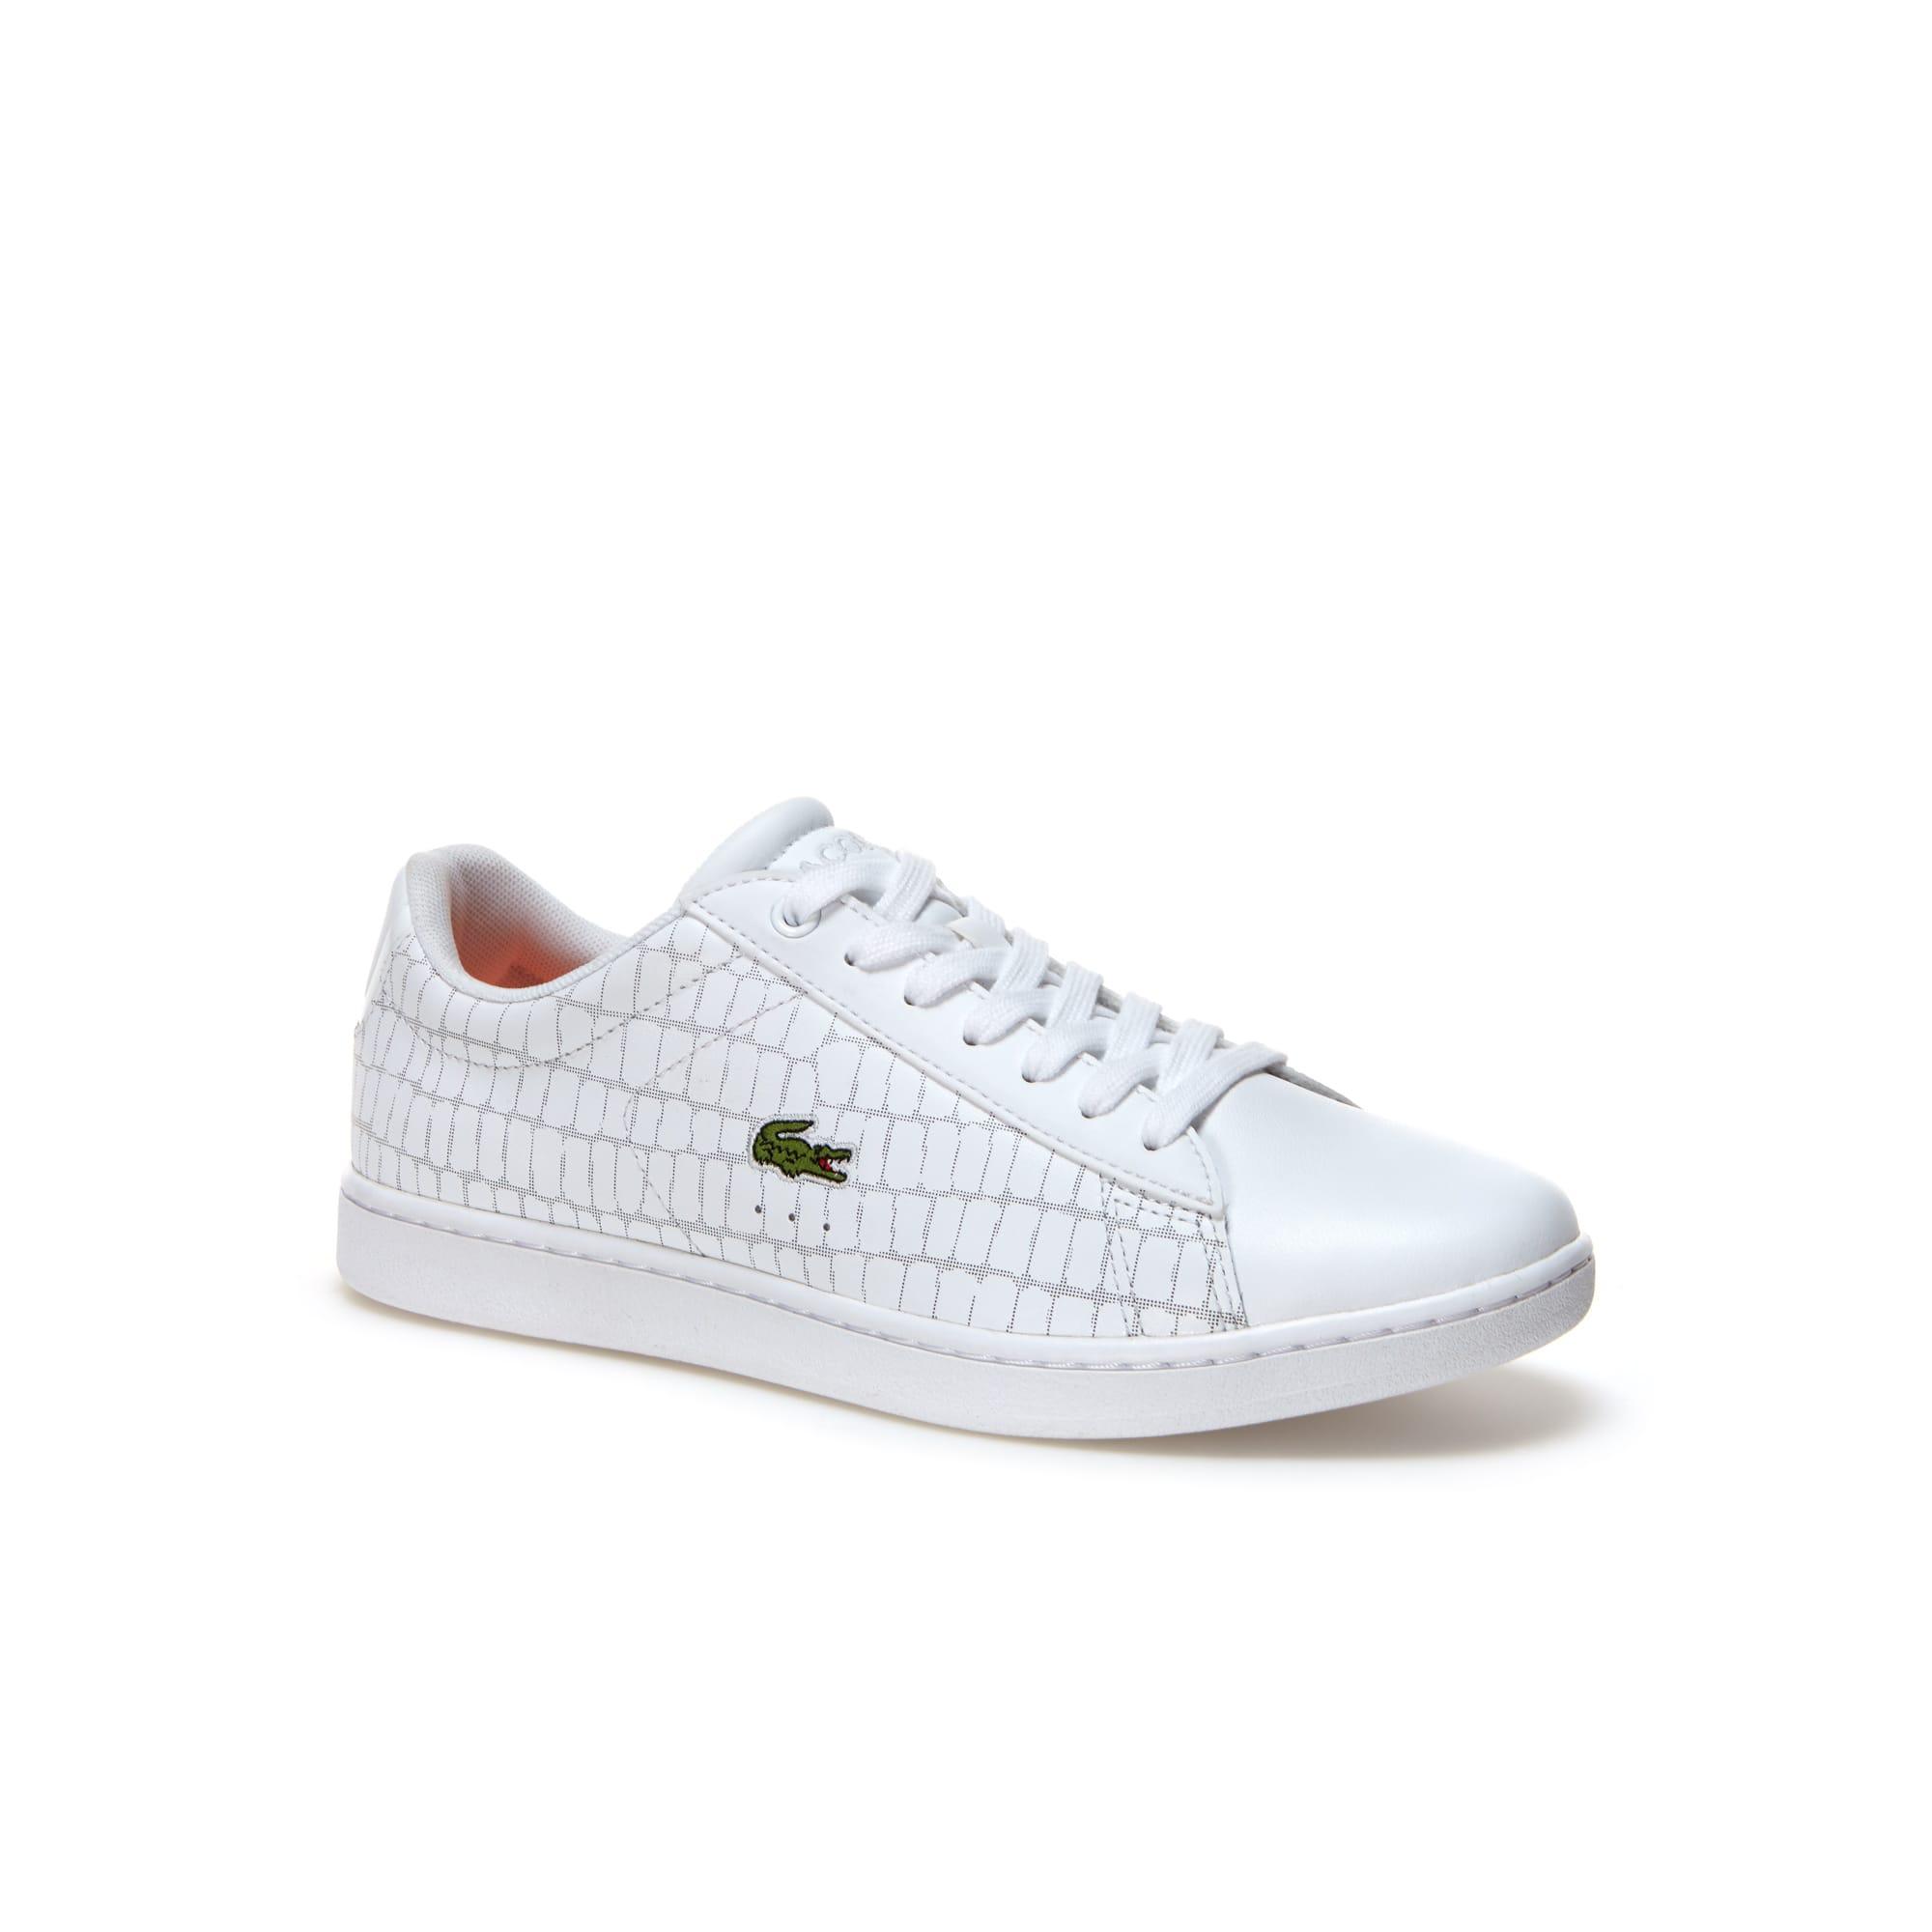 Damen-Sneakers CARNABY EVO aus Leder und Piqué-Mesh